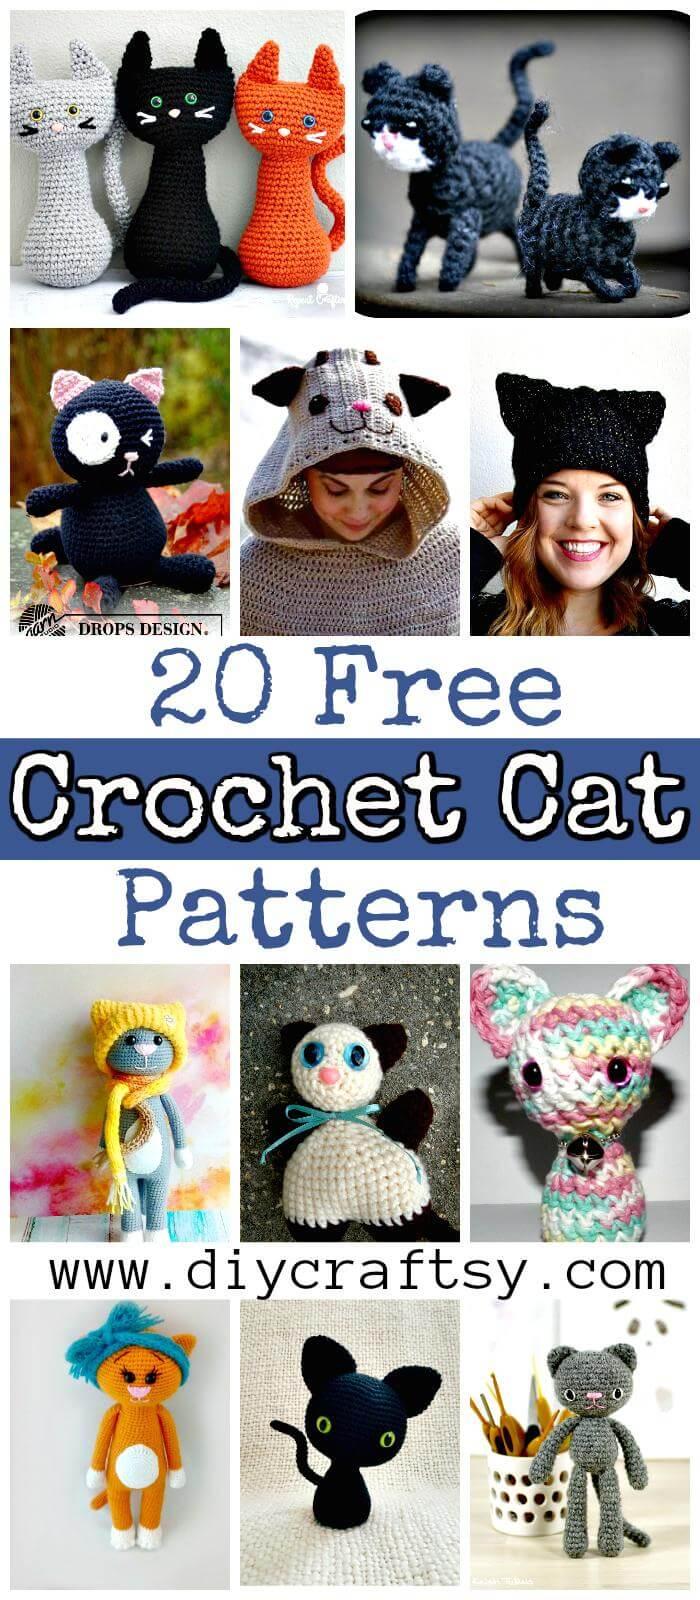 20 patrones de gato de ganchillo gratis - juguetes de gato de ganchillo - patrones de amigurumi de ganchillo